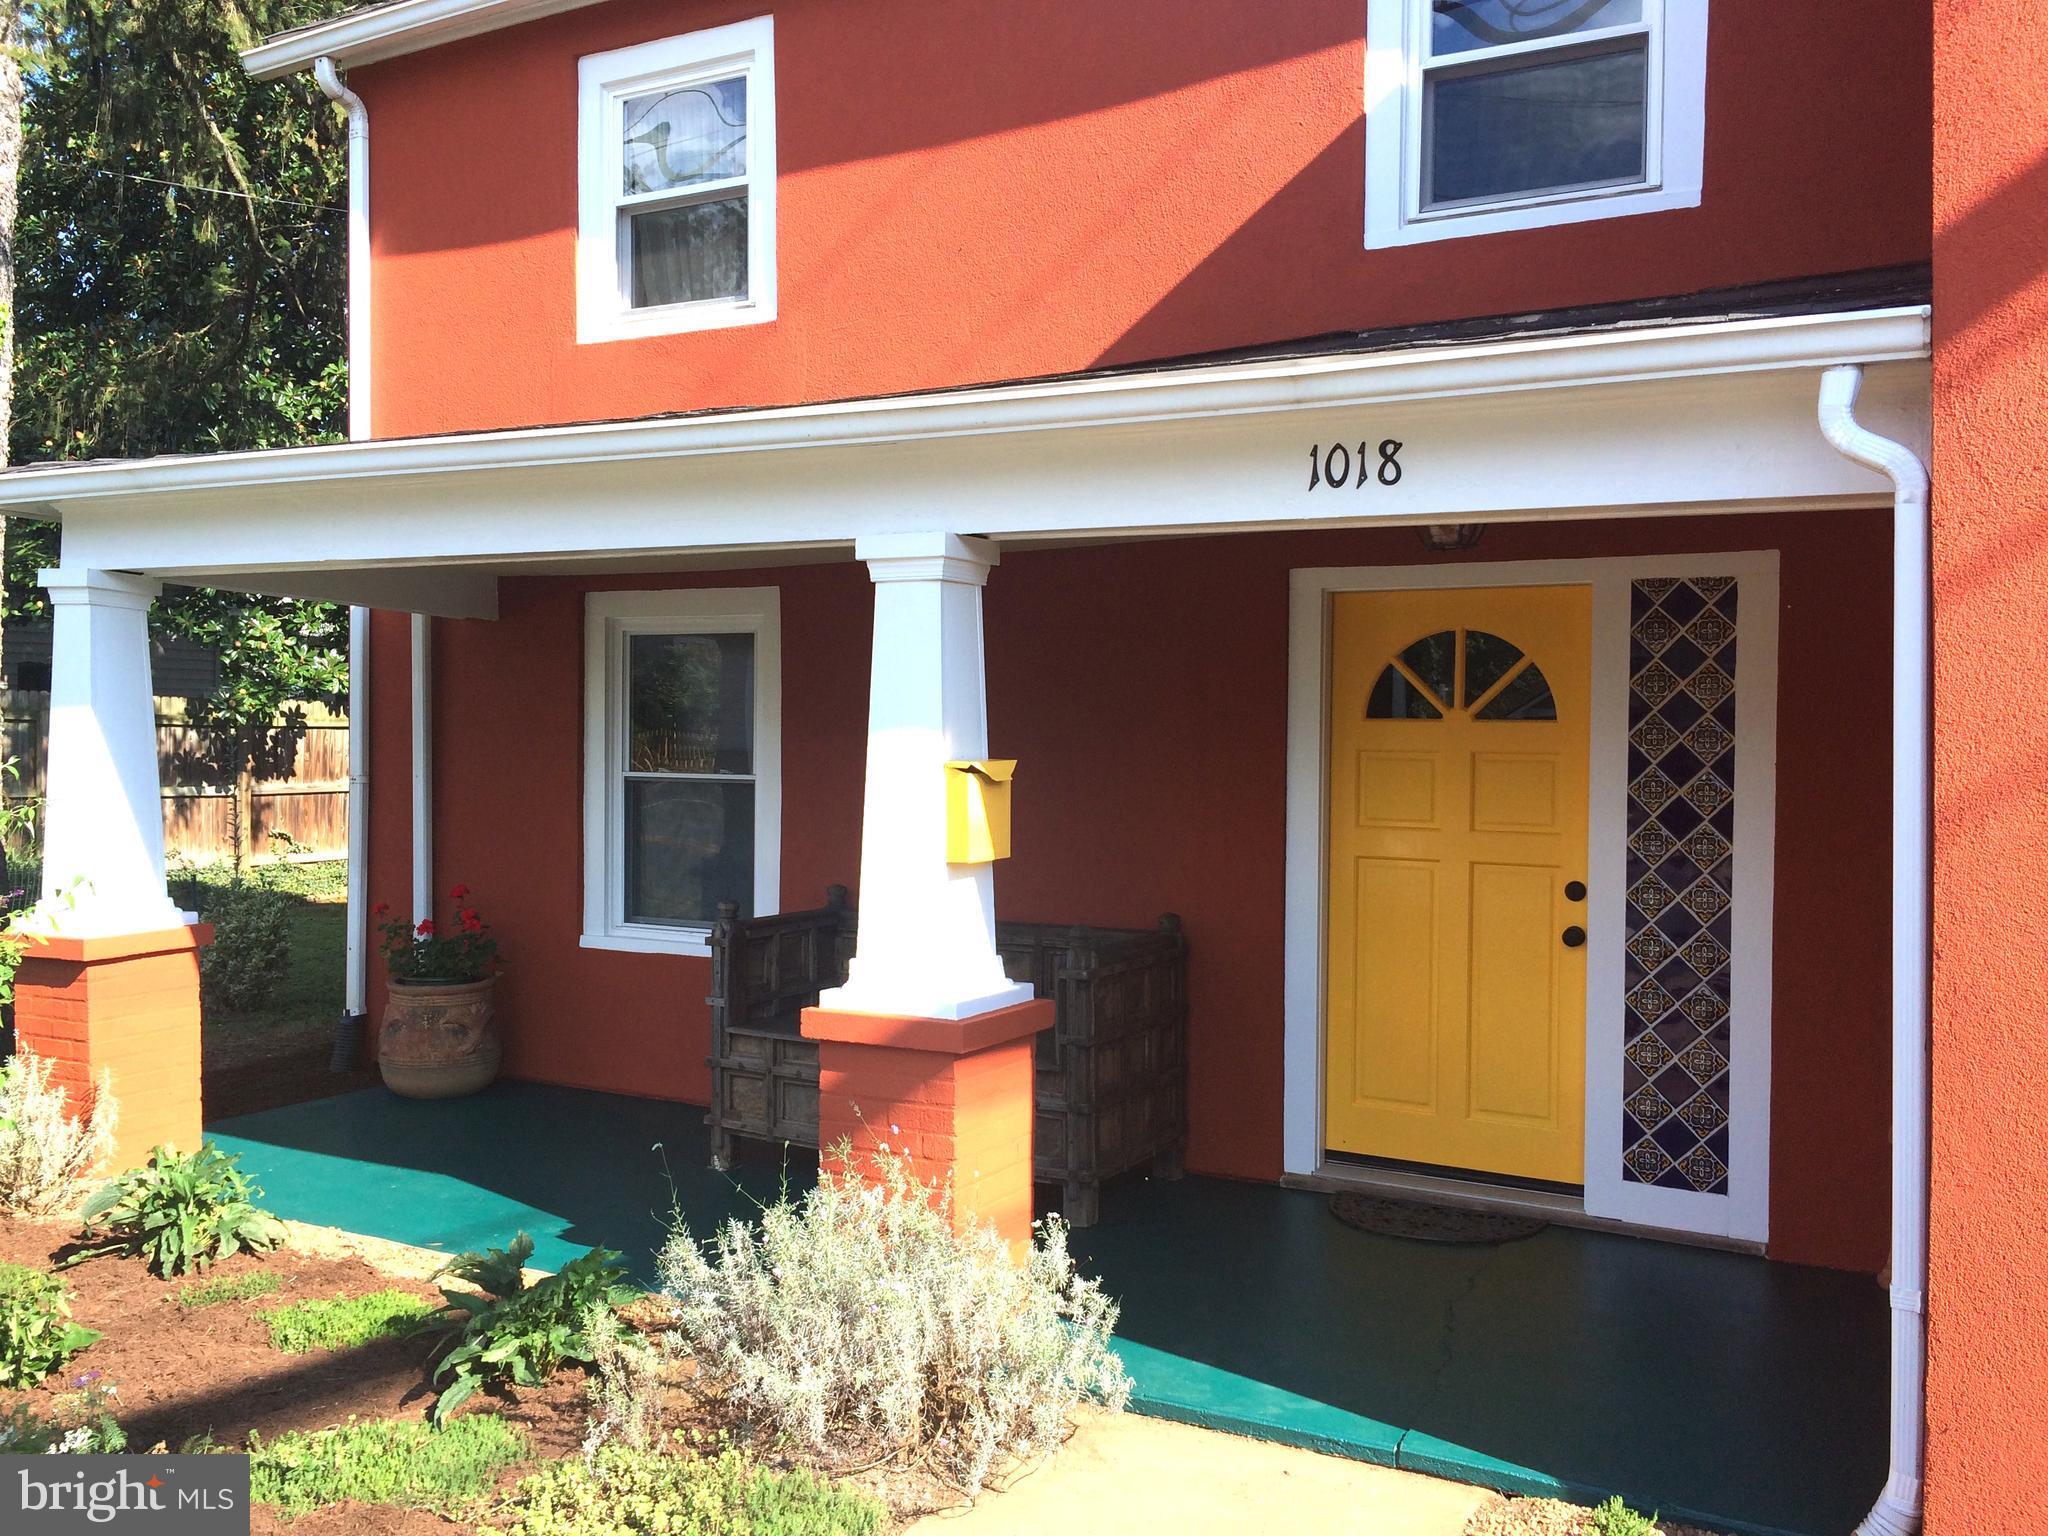 1018 AVON STREET, CHARLOTTESVILLE, VA 22902